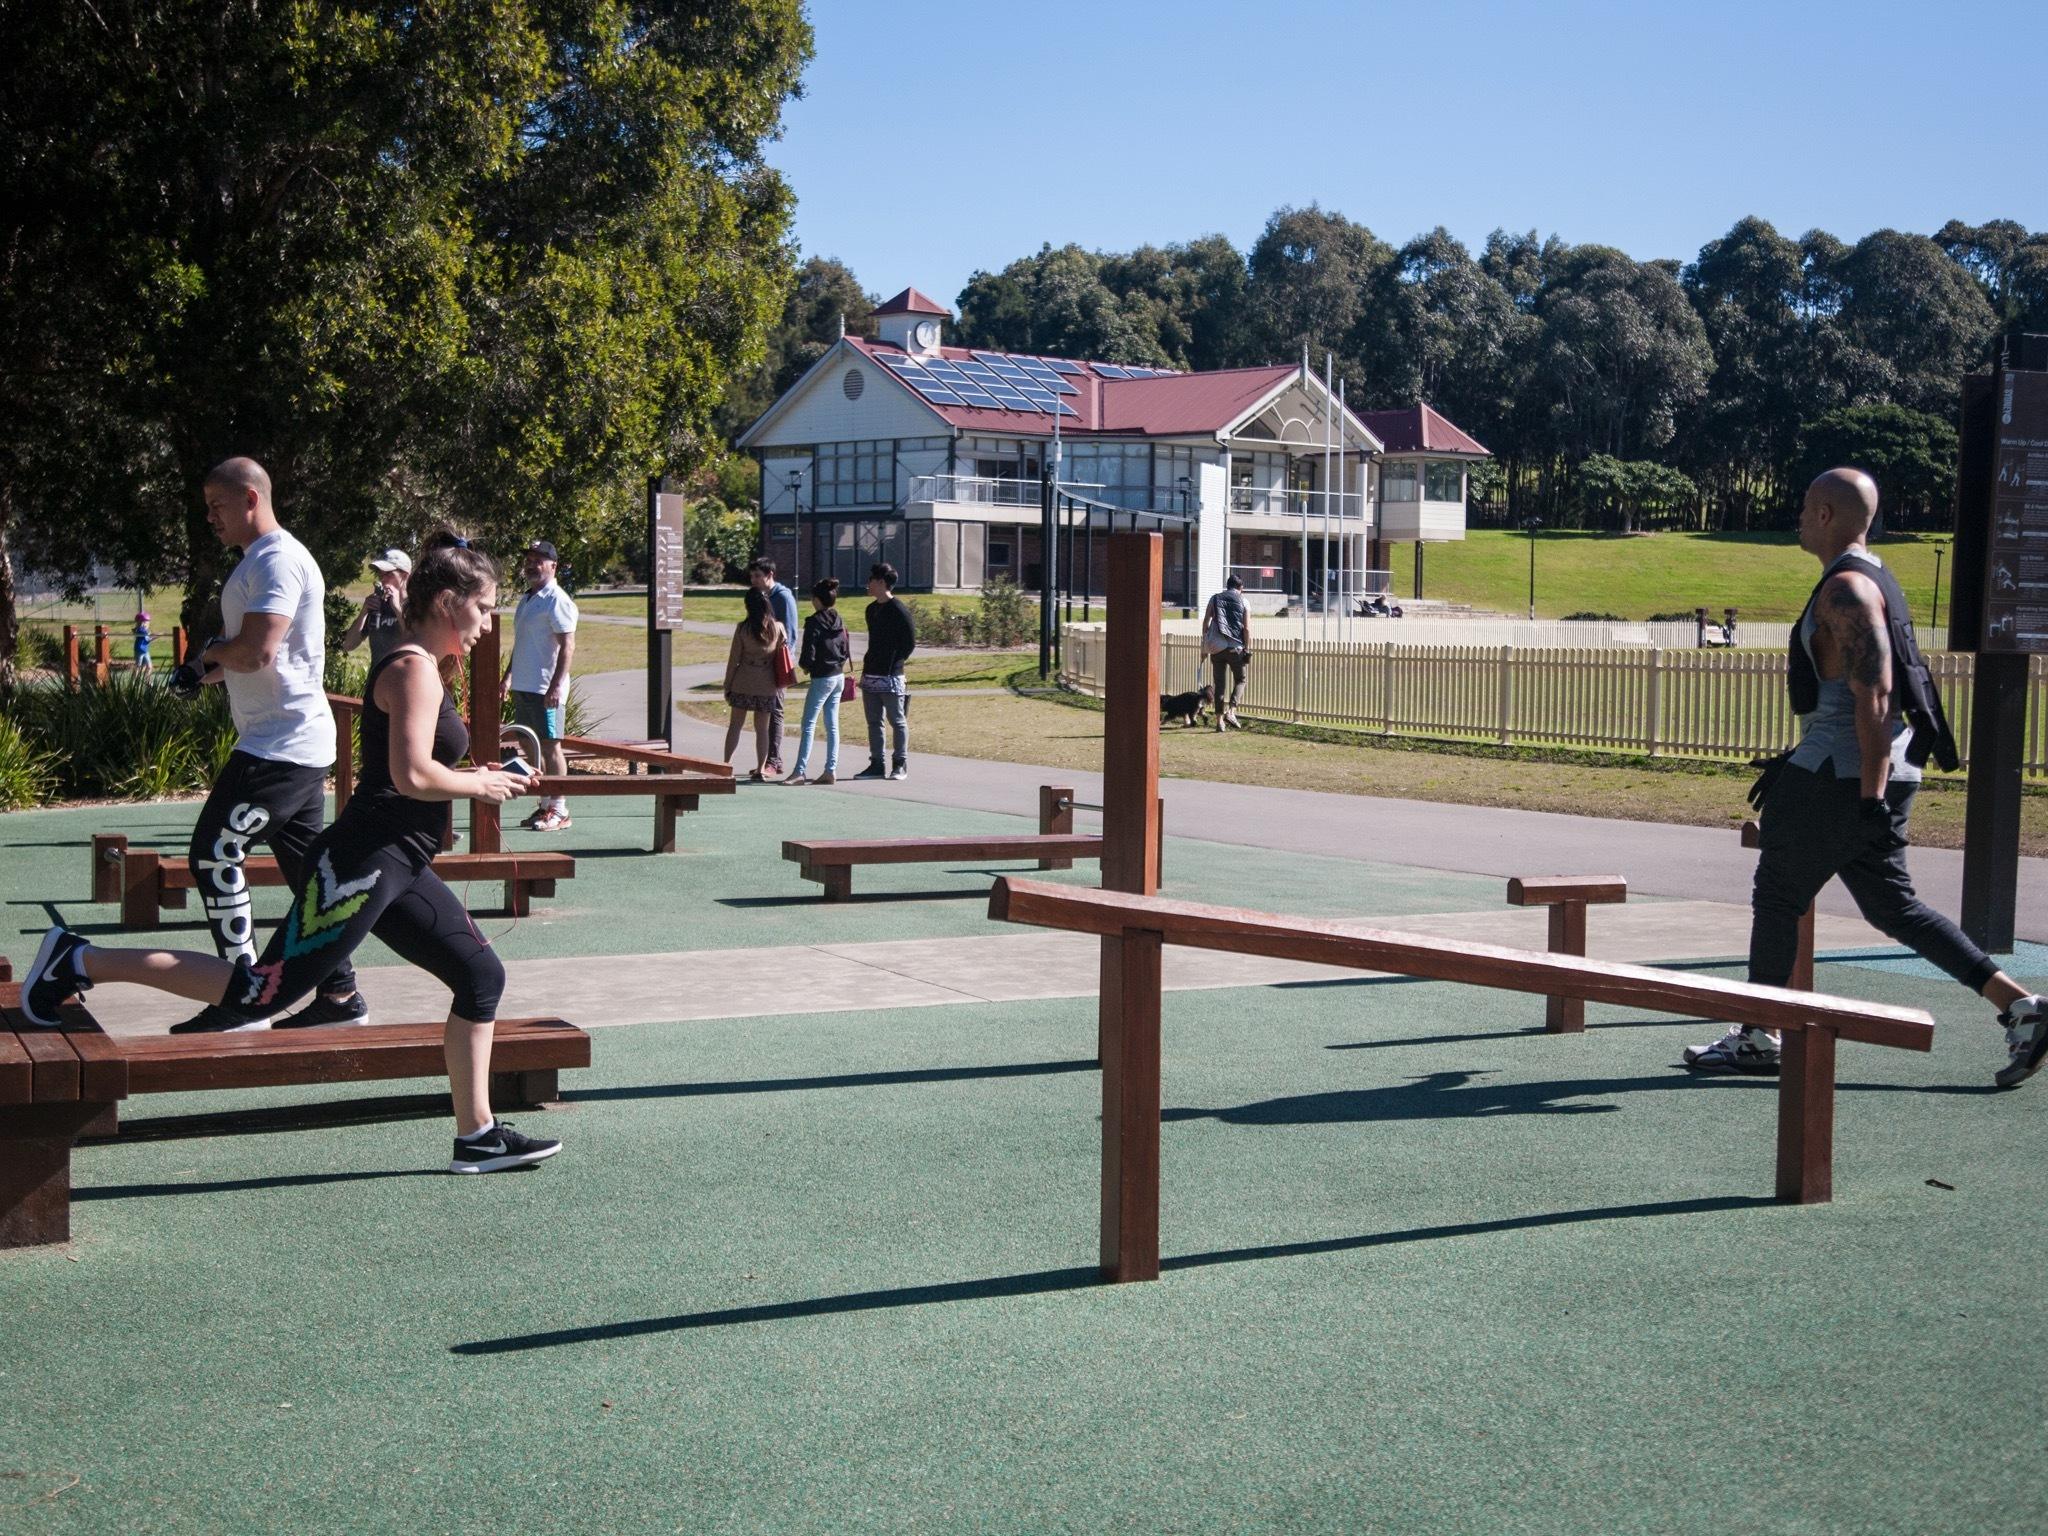 Sydney Park - 10 phòng gym hoàn toàn MIỄN PHÍ hot nhất Sydney